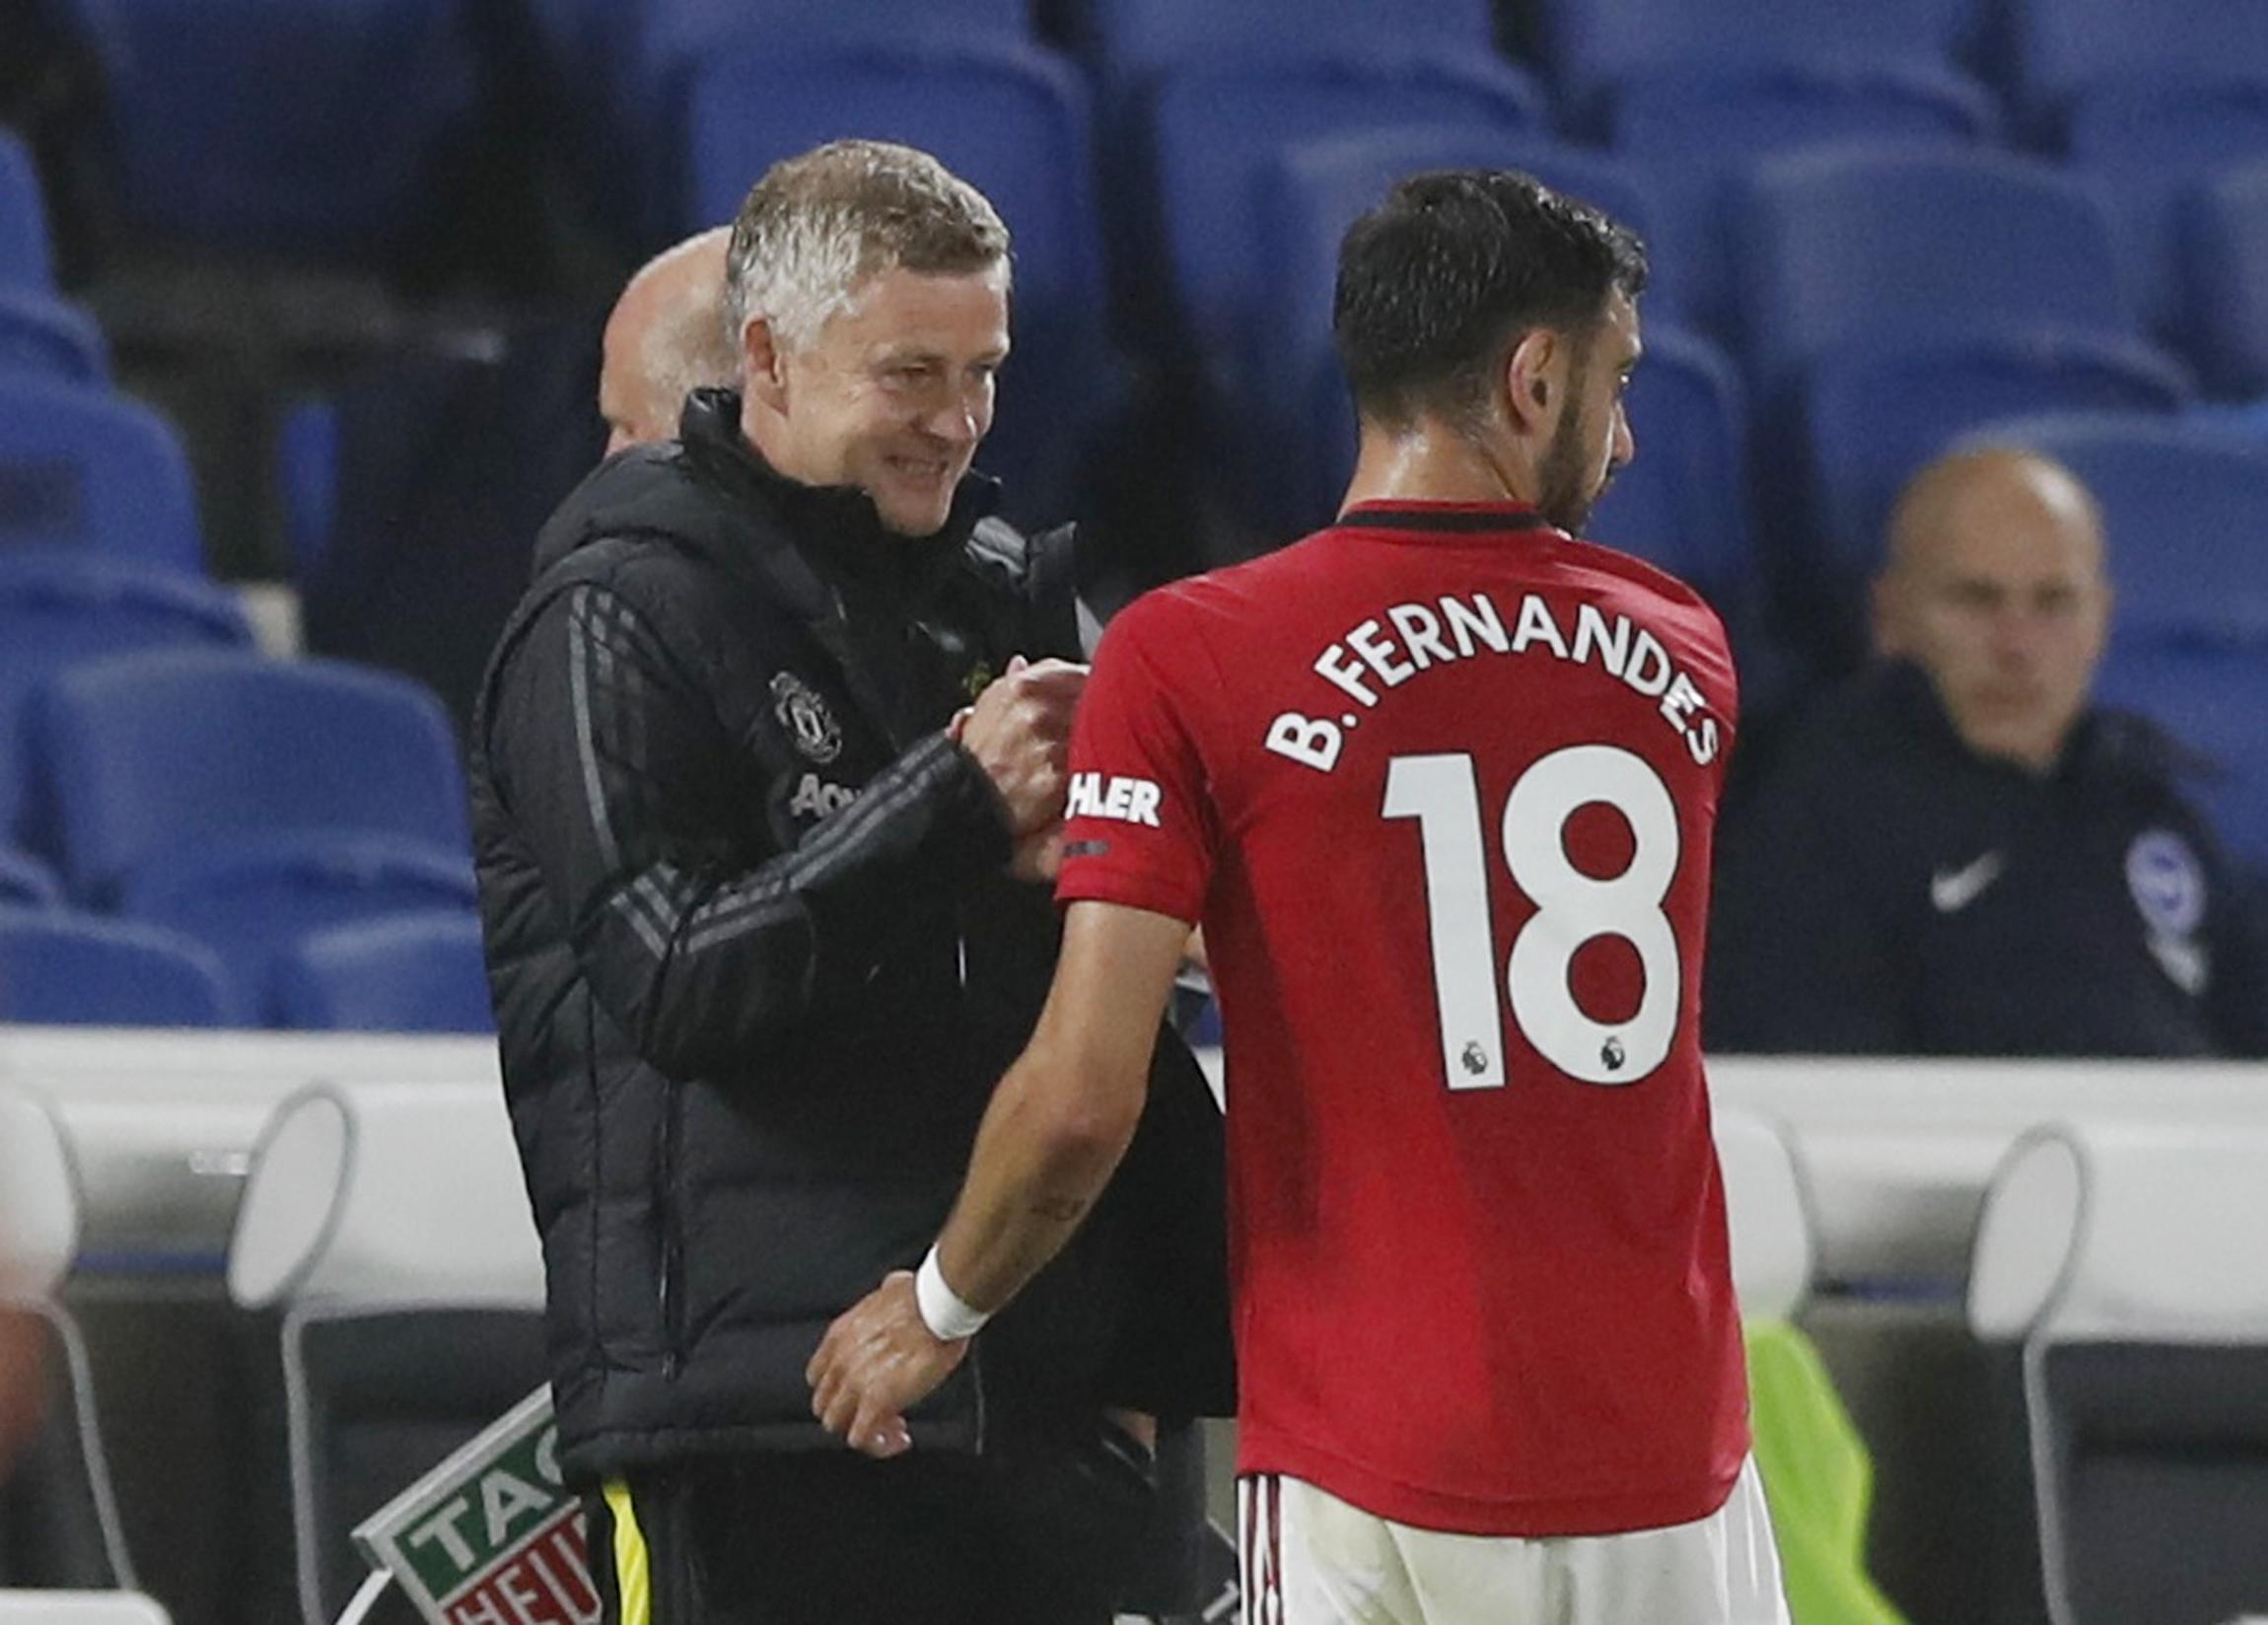 Solskjaer muốn Fernandes toả sáng hơn nữa, đóng vai trò quan trọng hơn nữa khi Man Utd vào mùa giải 2021-2022. Ảnh: Reuters